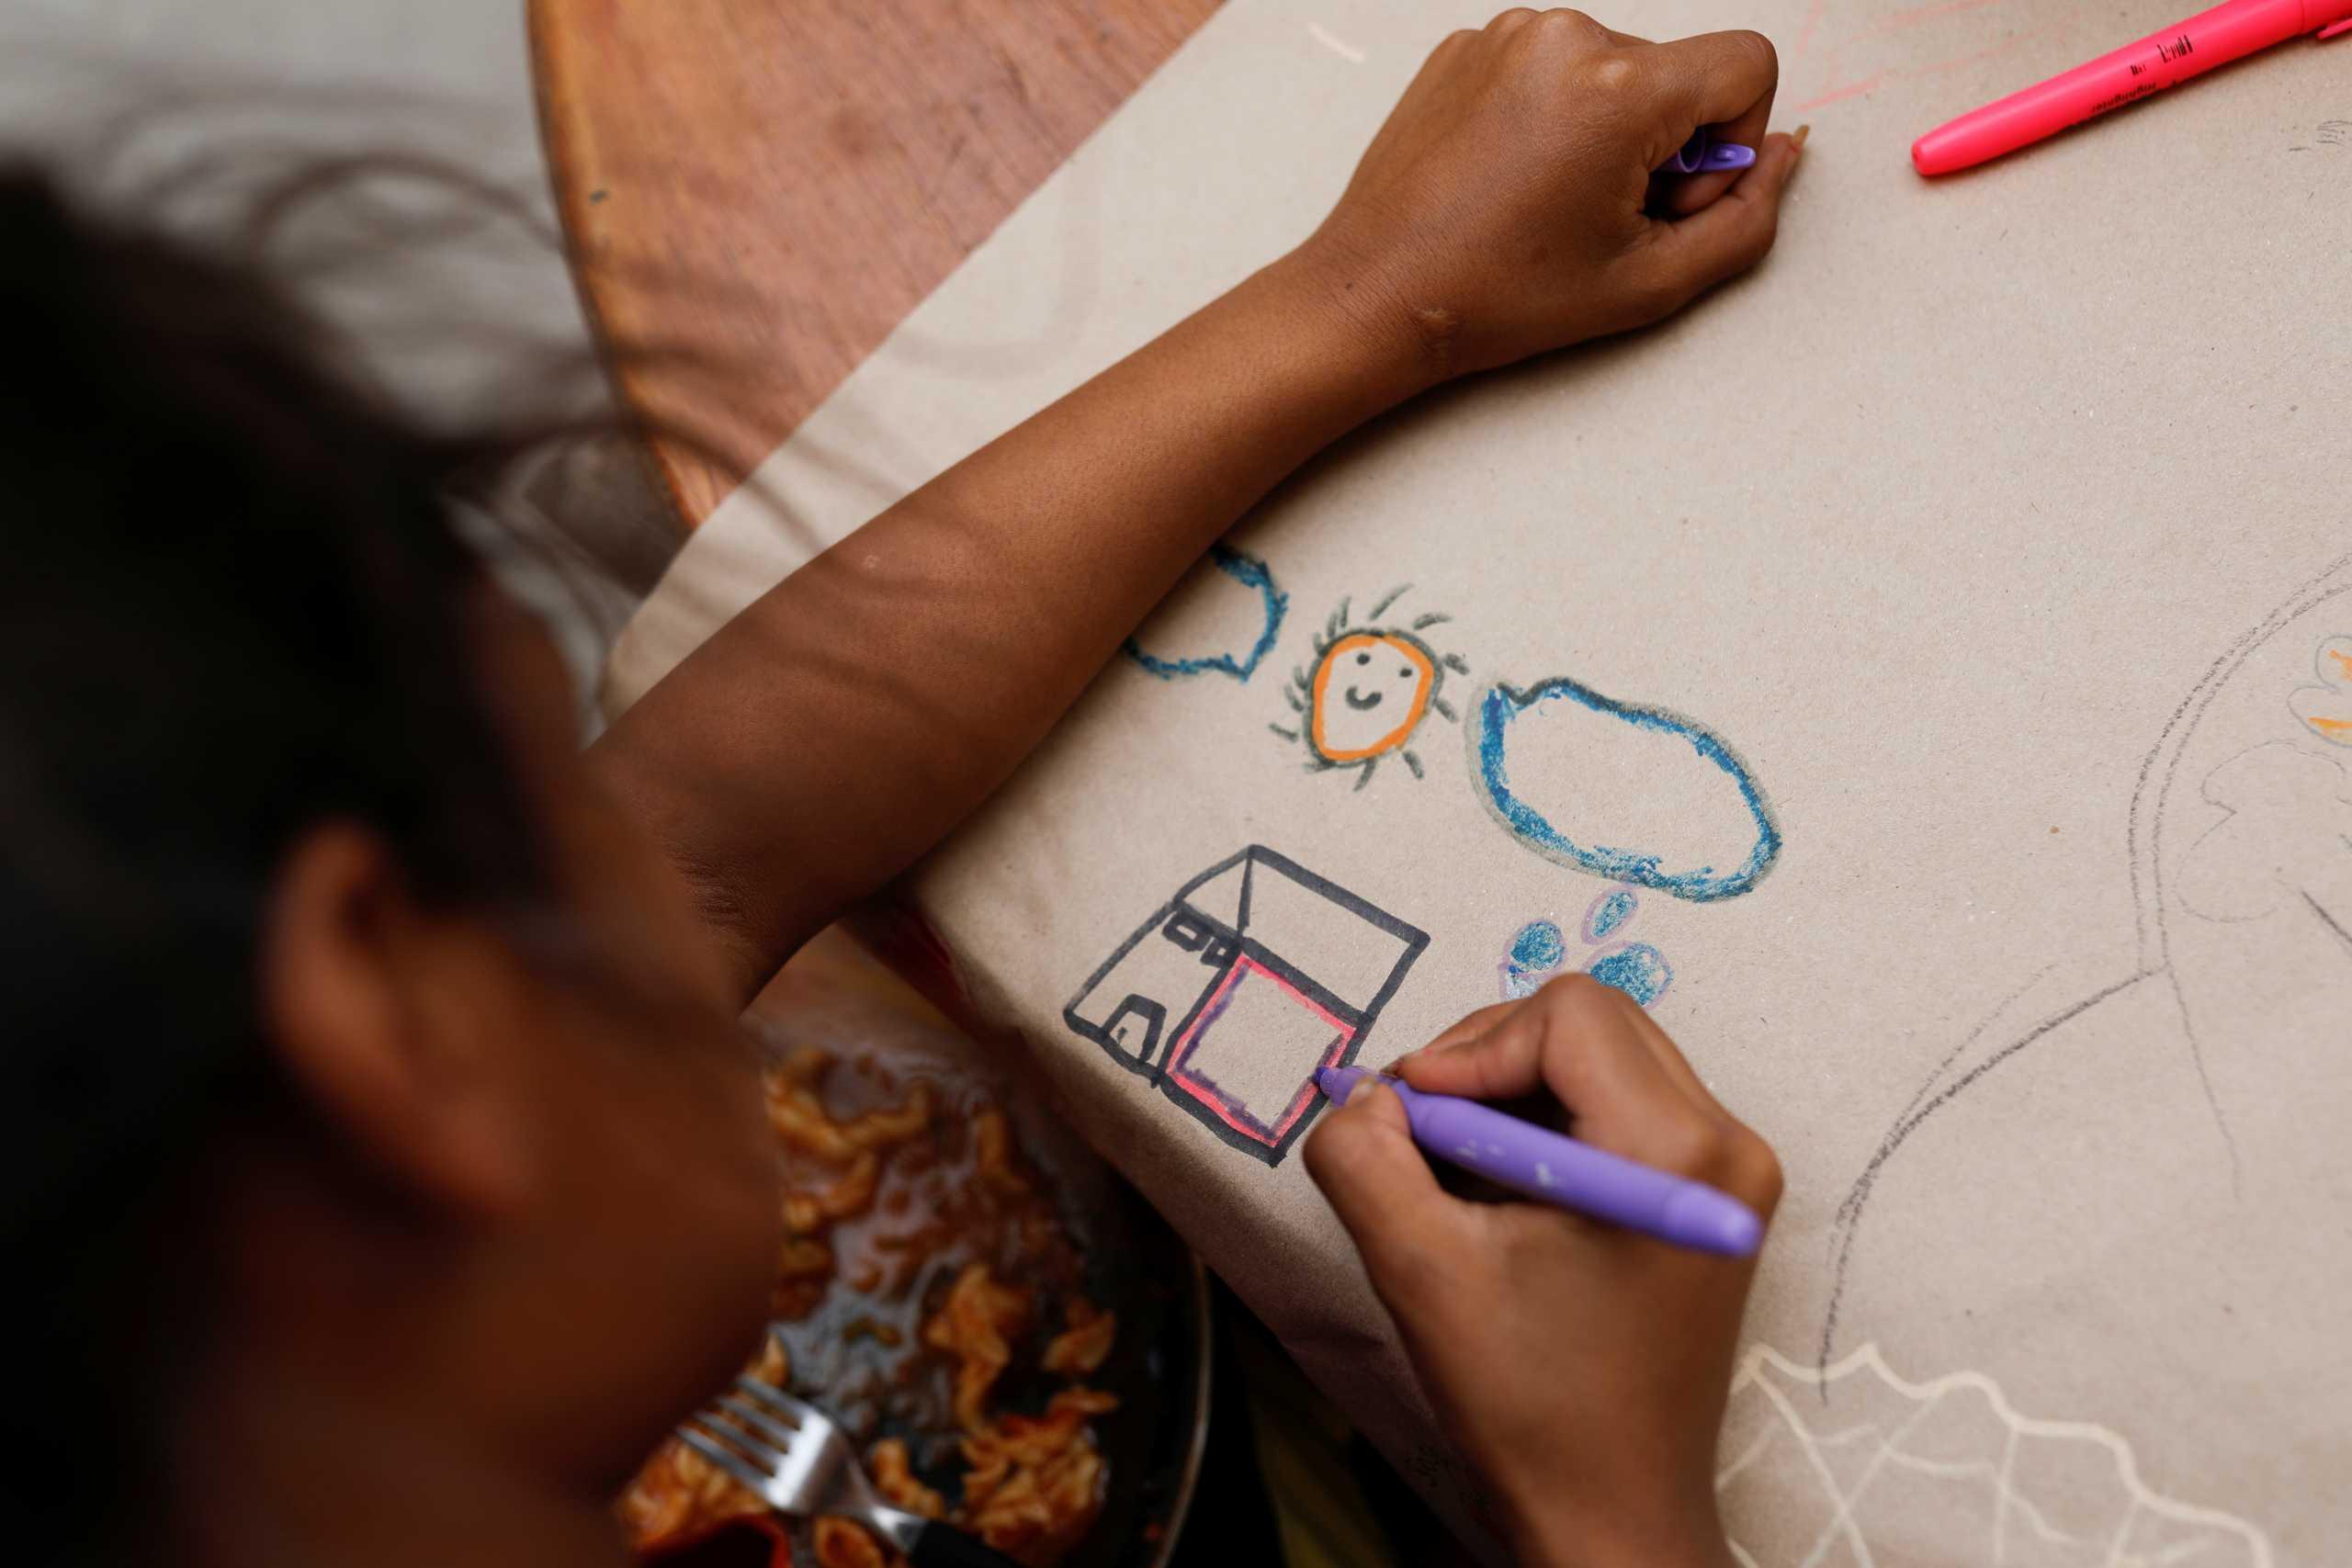 Κορονοϊός: Κάθε 12 δευτερόλεπτα ένα παιδί χάνει τον άνθρωπο που το φρόντιζε